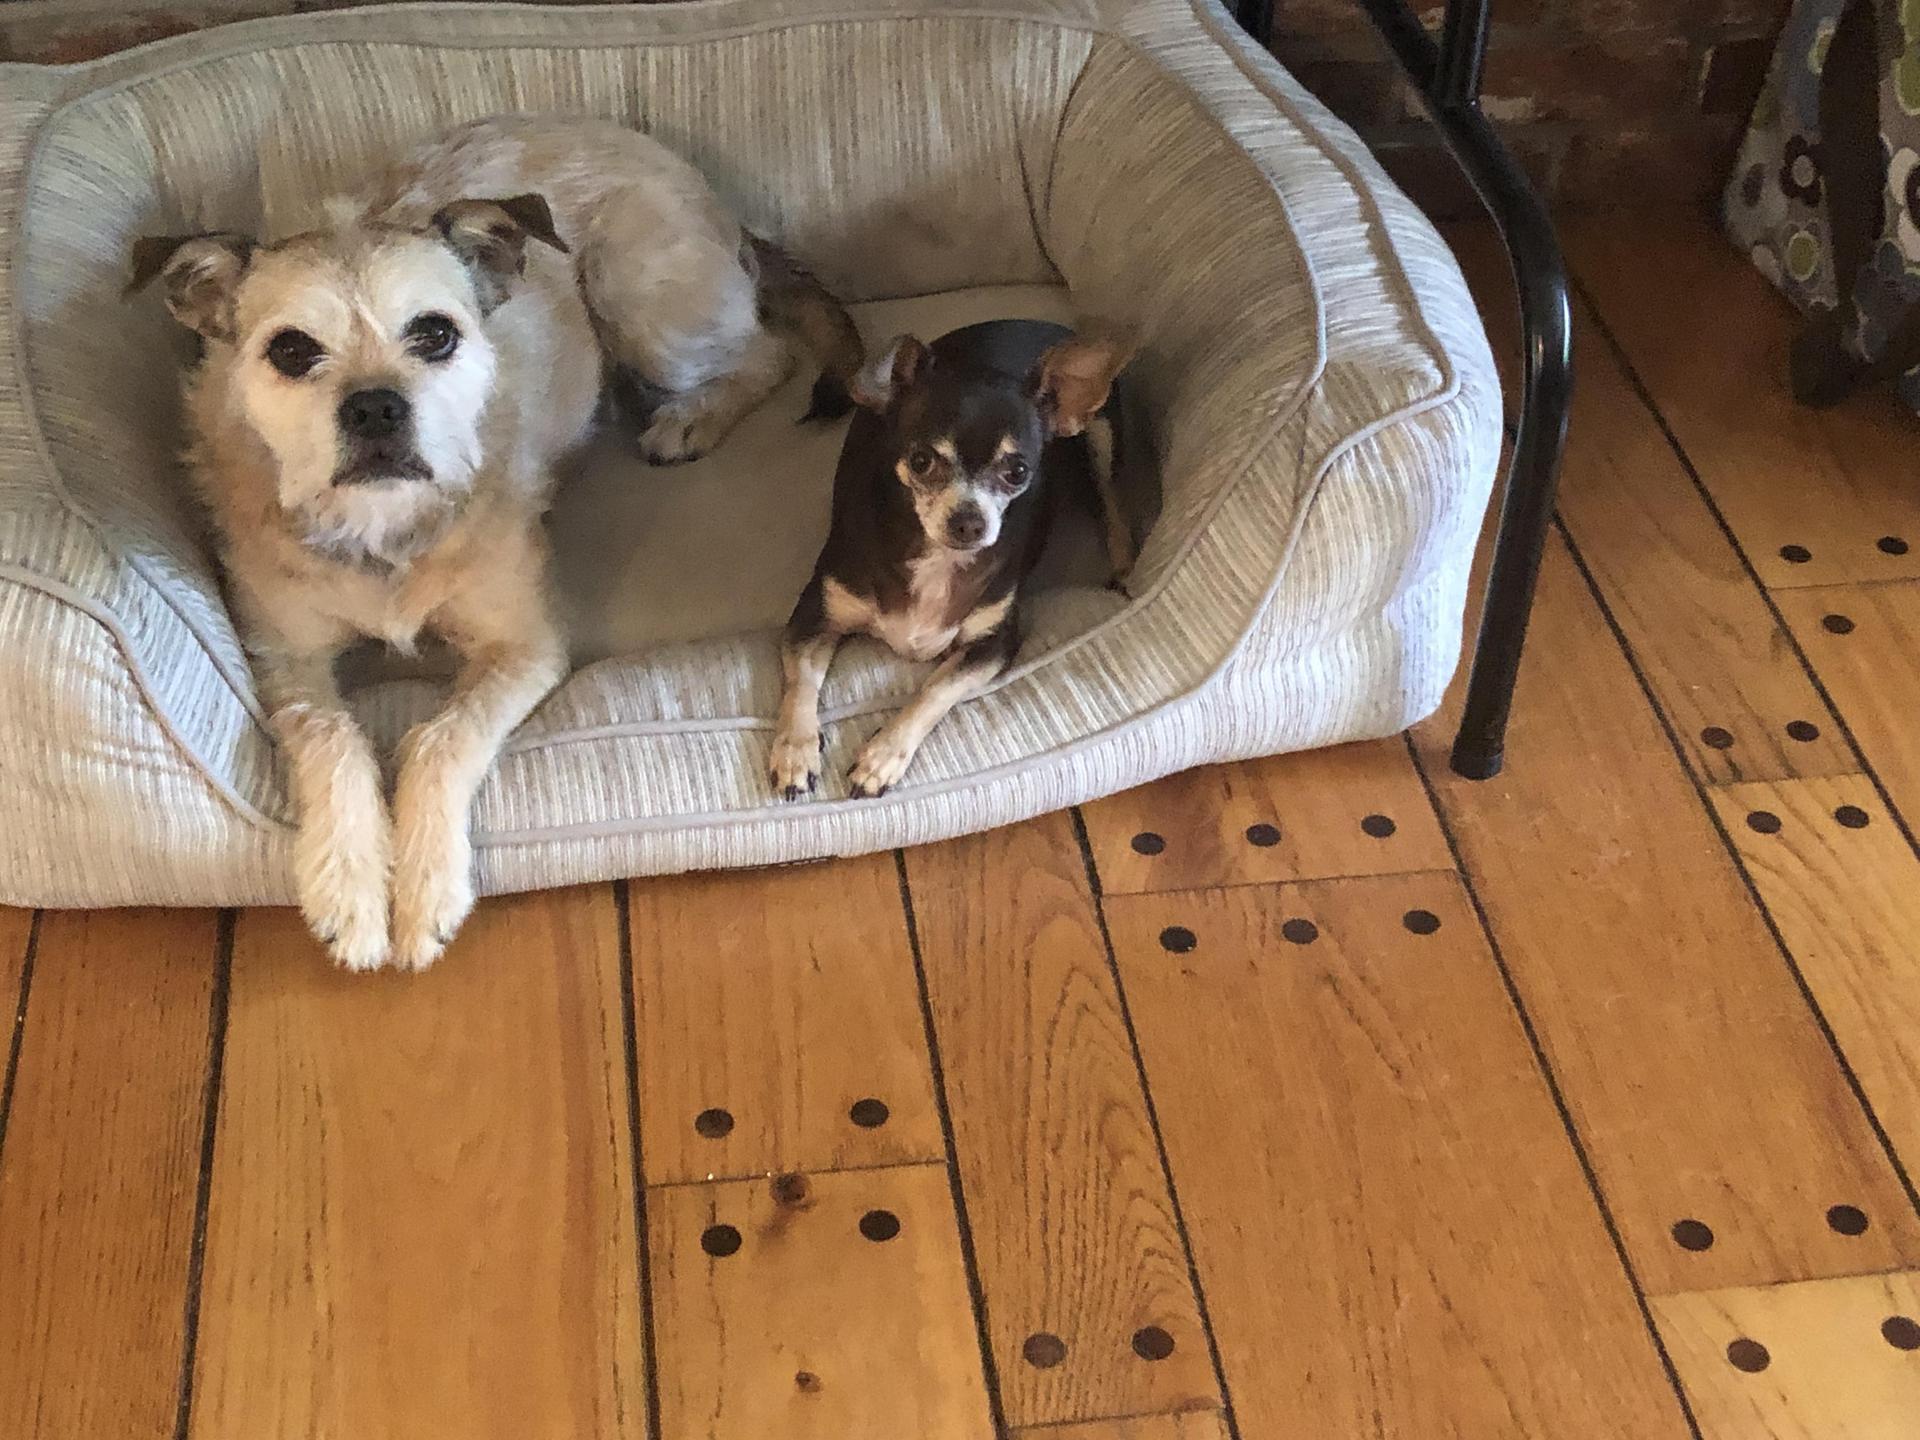 Bella and Cocoa